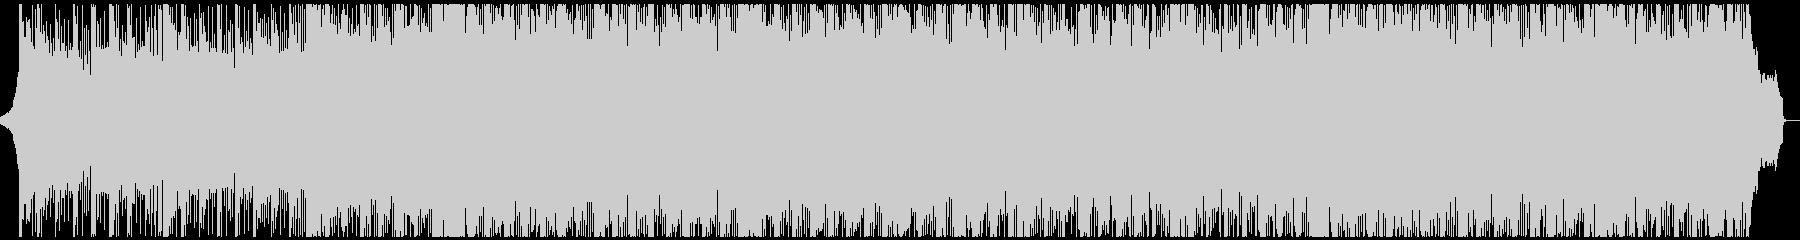 シンセのリフとカノン系ストリングスの未再生の波形